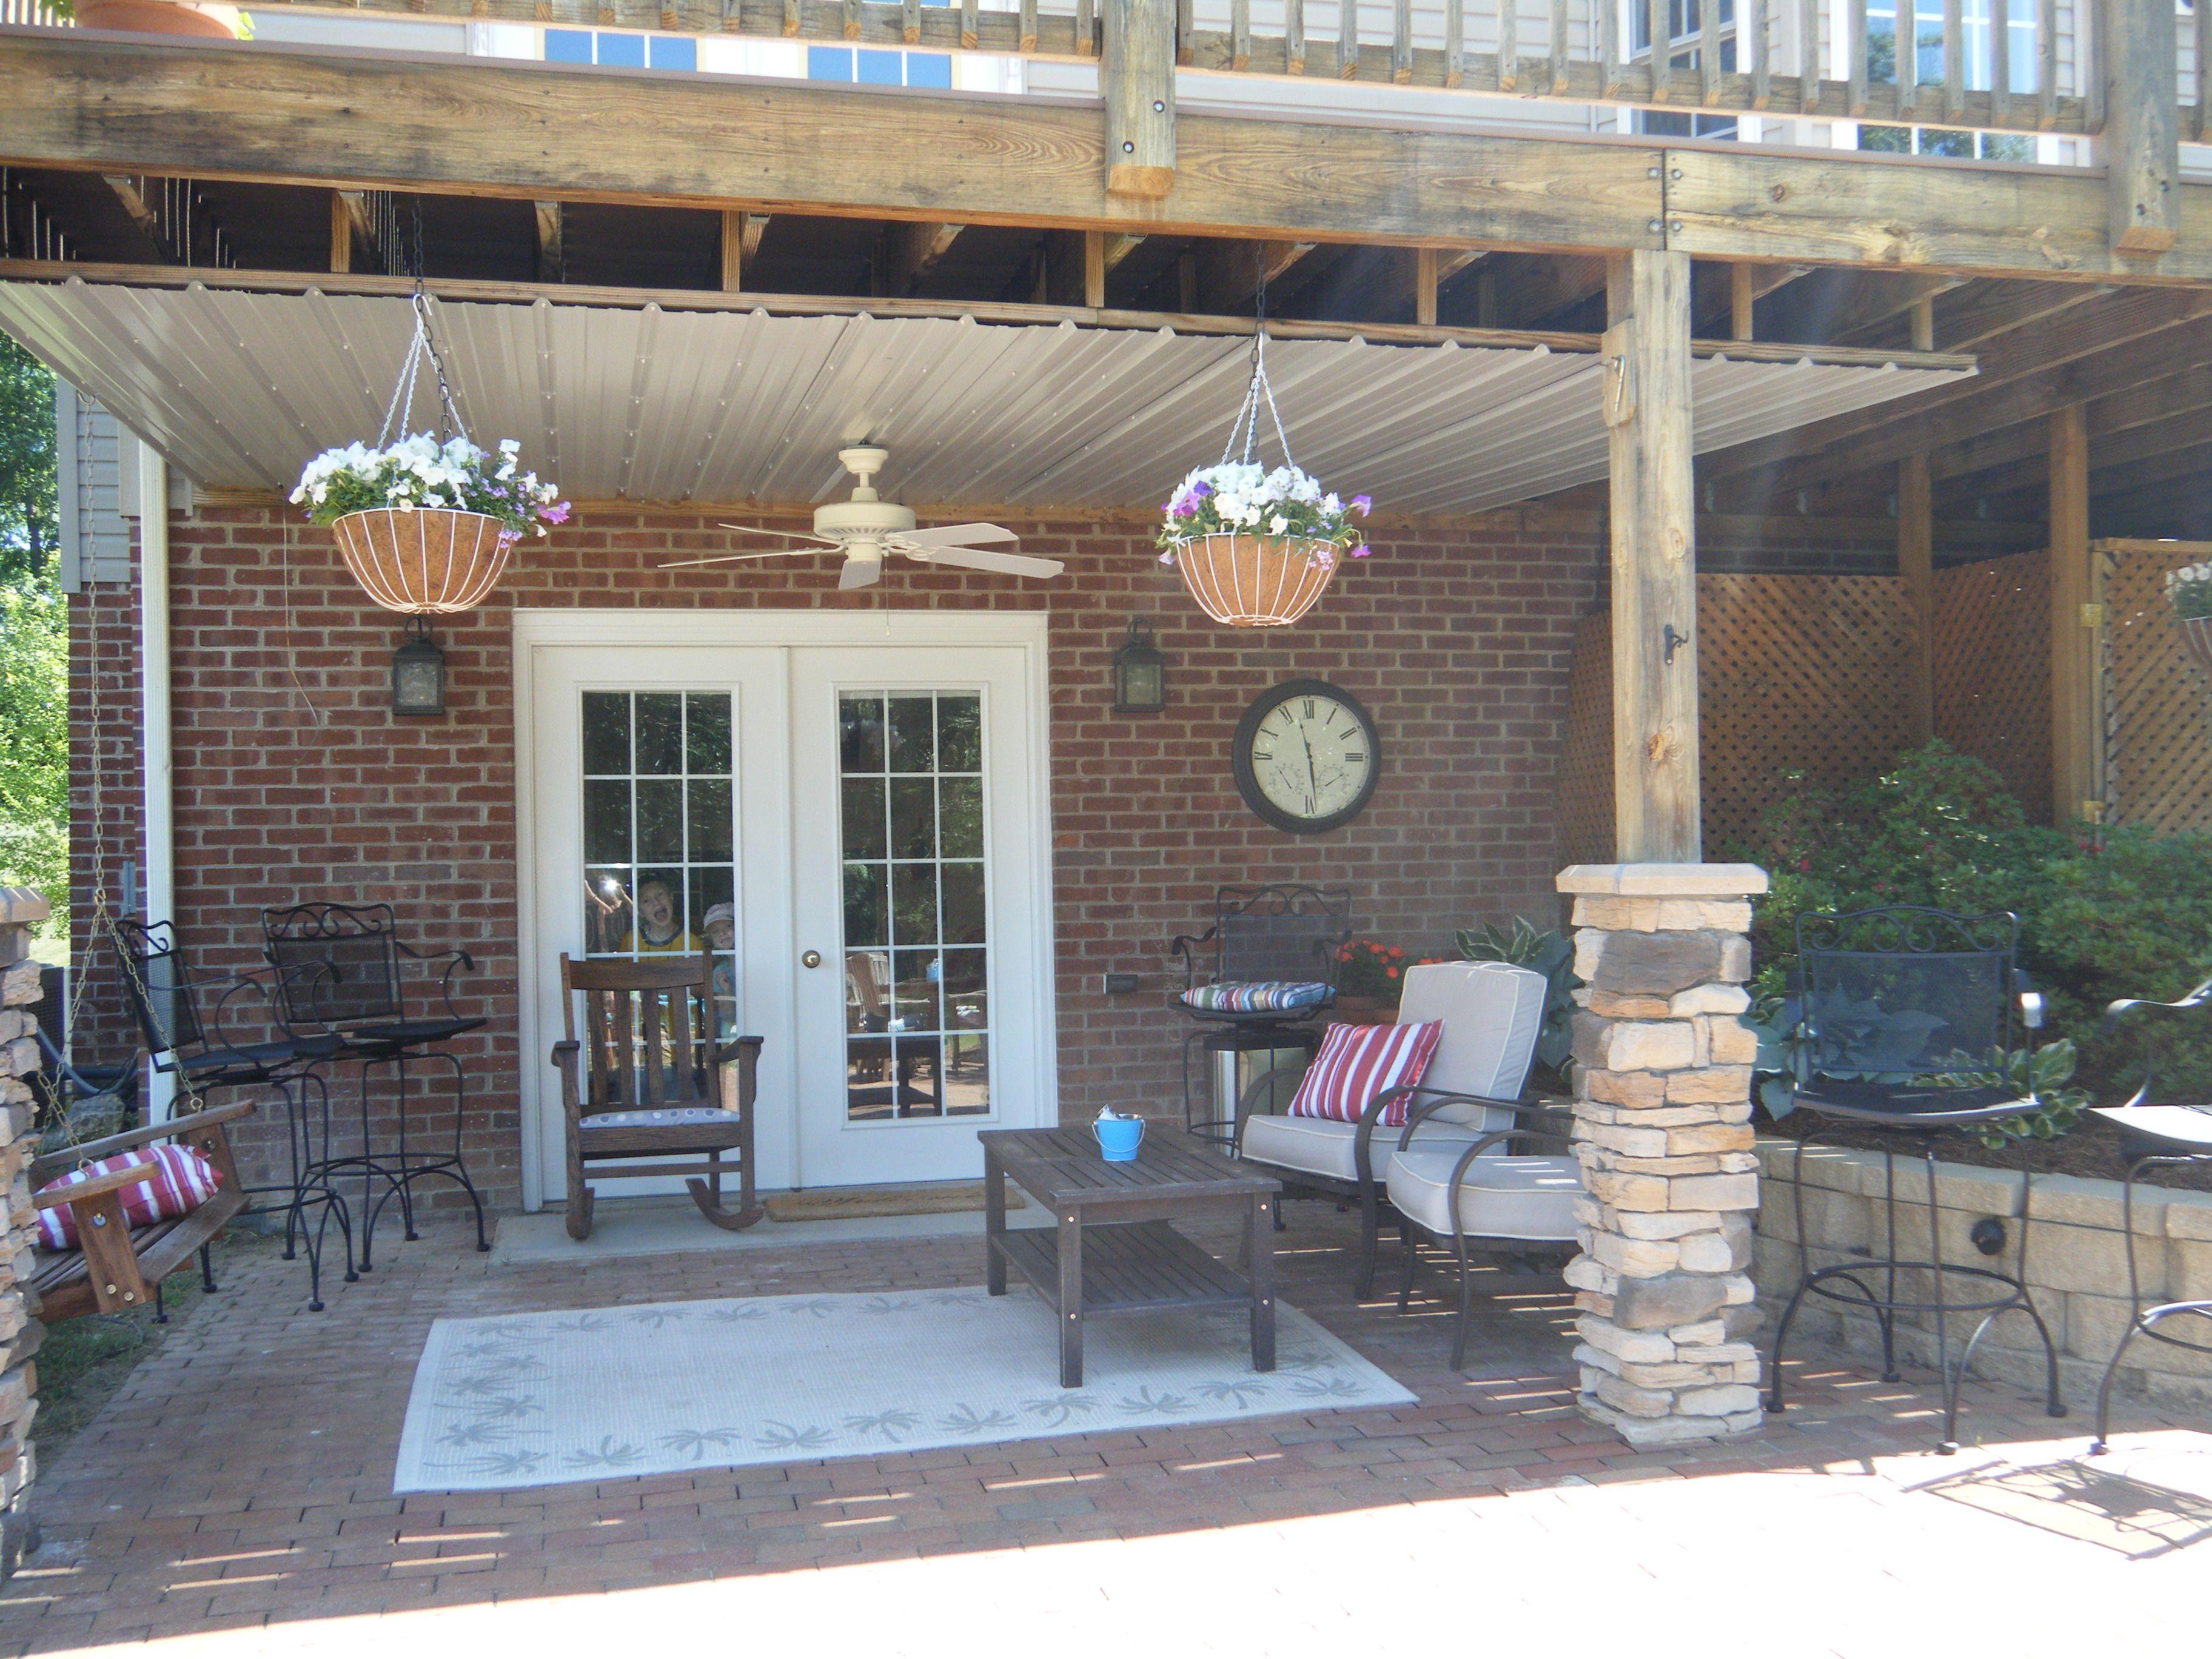 21 Amazing Walk Out Basements - Home Plans & Blueprints on Walkout Basement Patio Designs id=36171